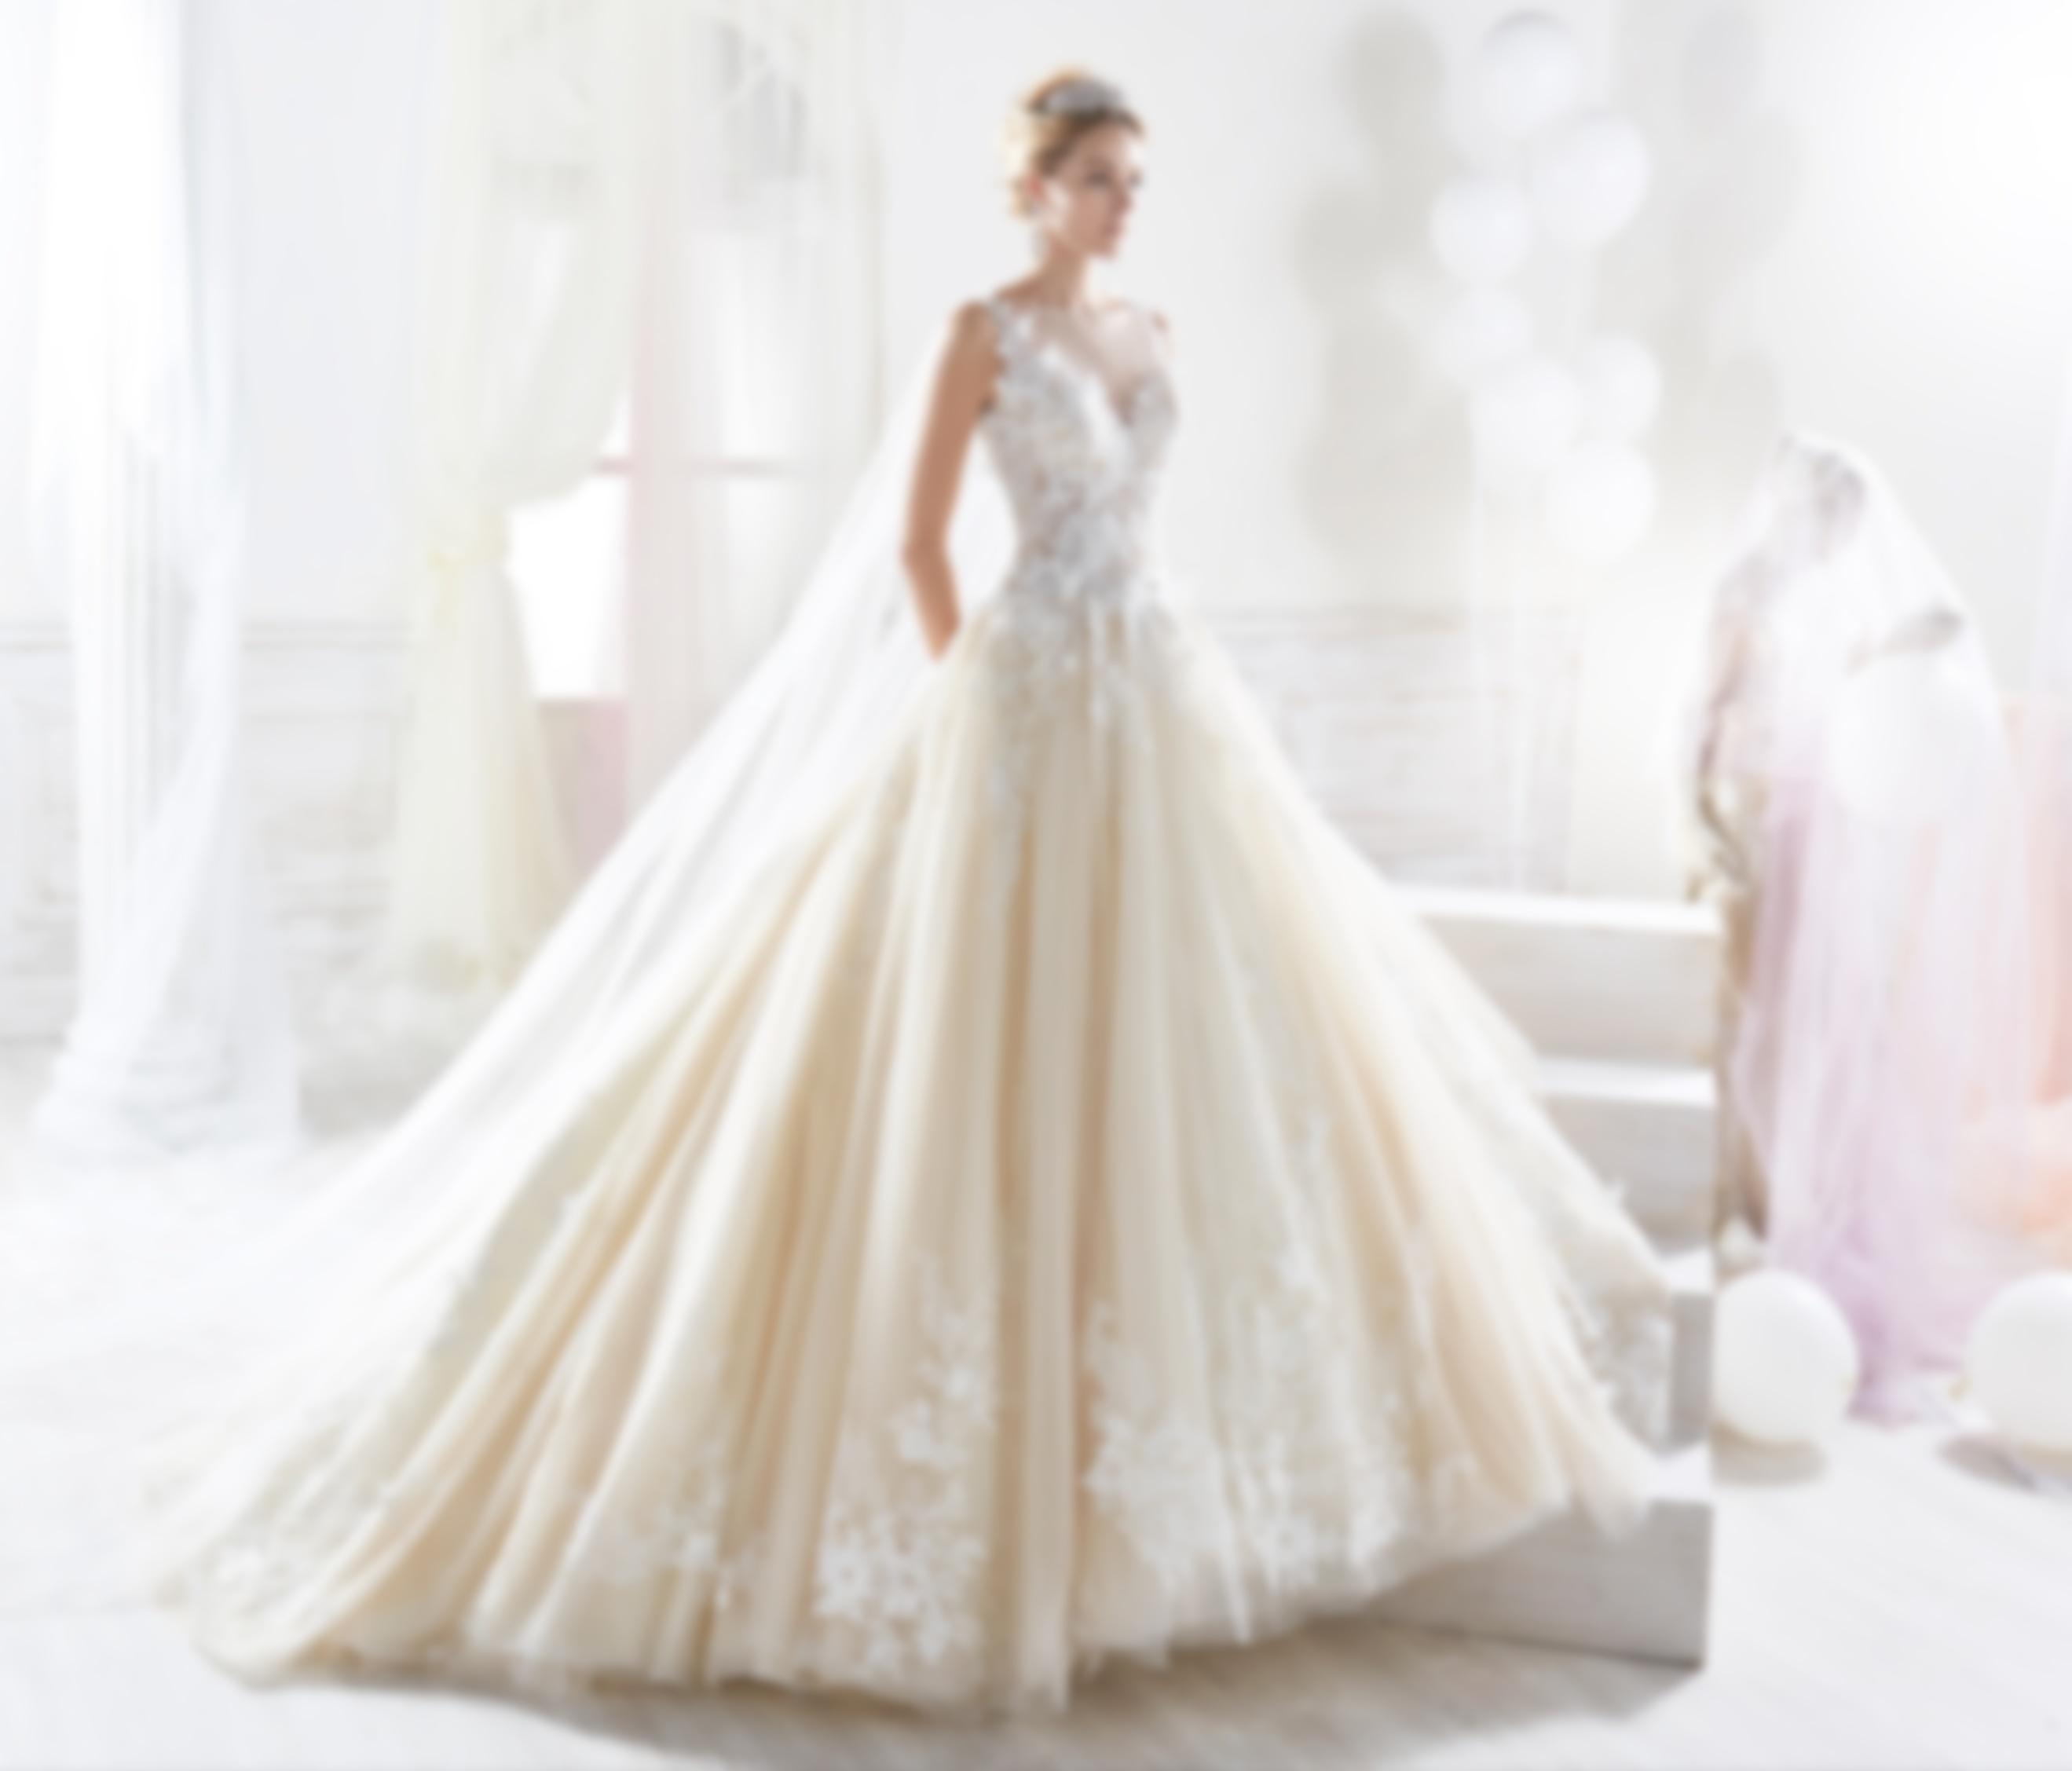 b19c9a4909d Помочь в выборе наряда поможет представление основных трендов этого сезона   Весной и летом в тренде будут свадебные платья ...